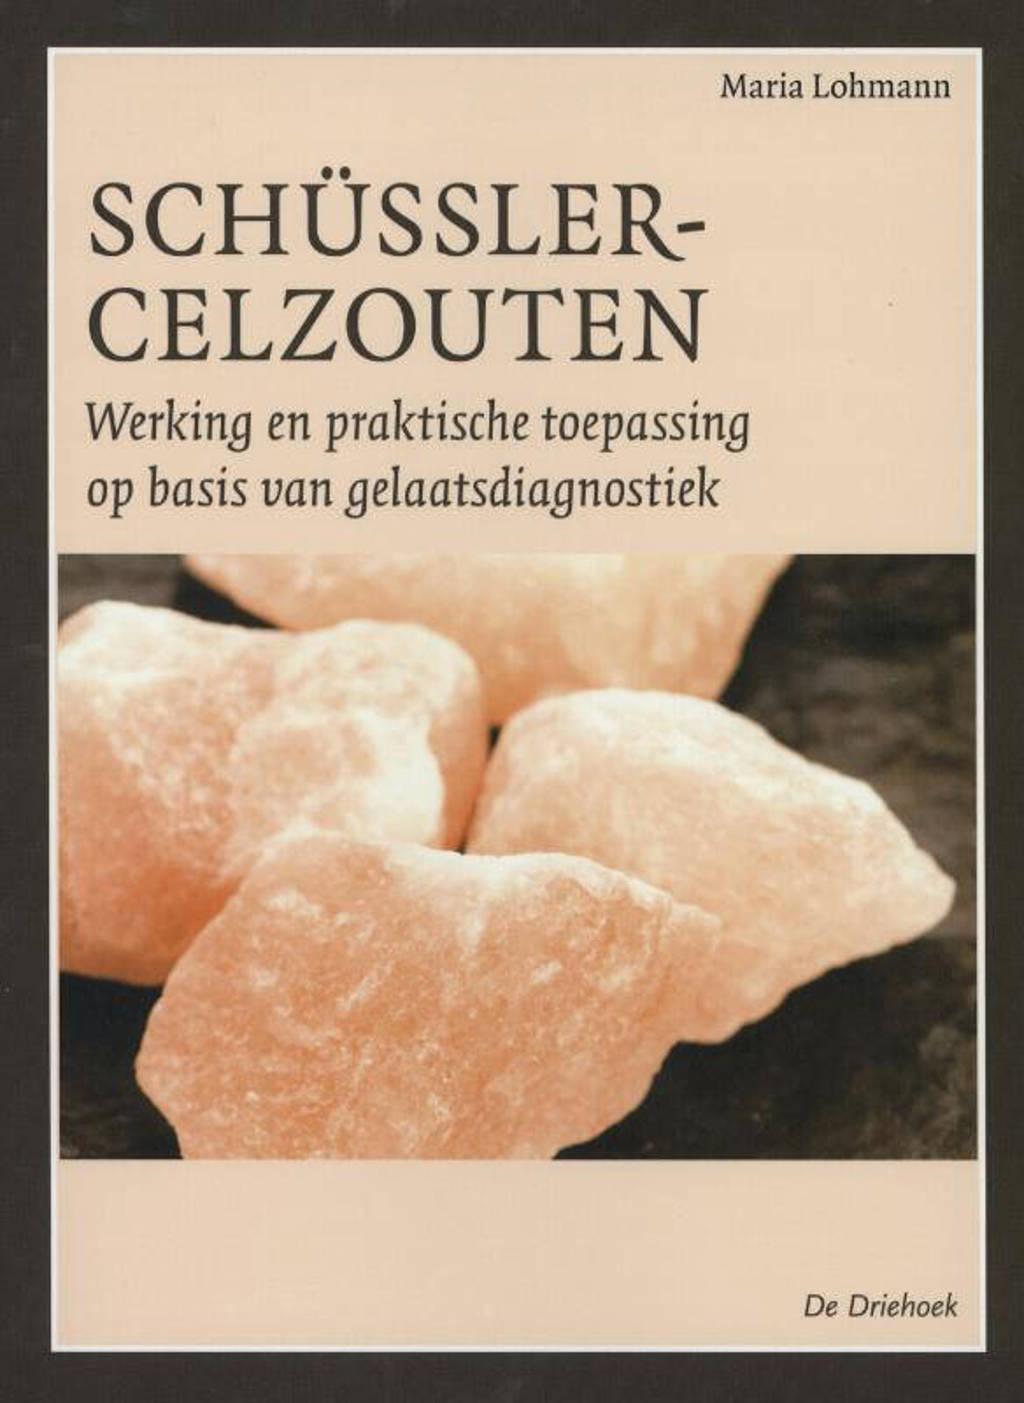 Schussler-celzouten - Maria Lohmann